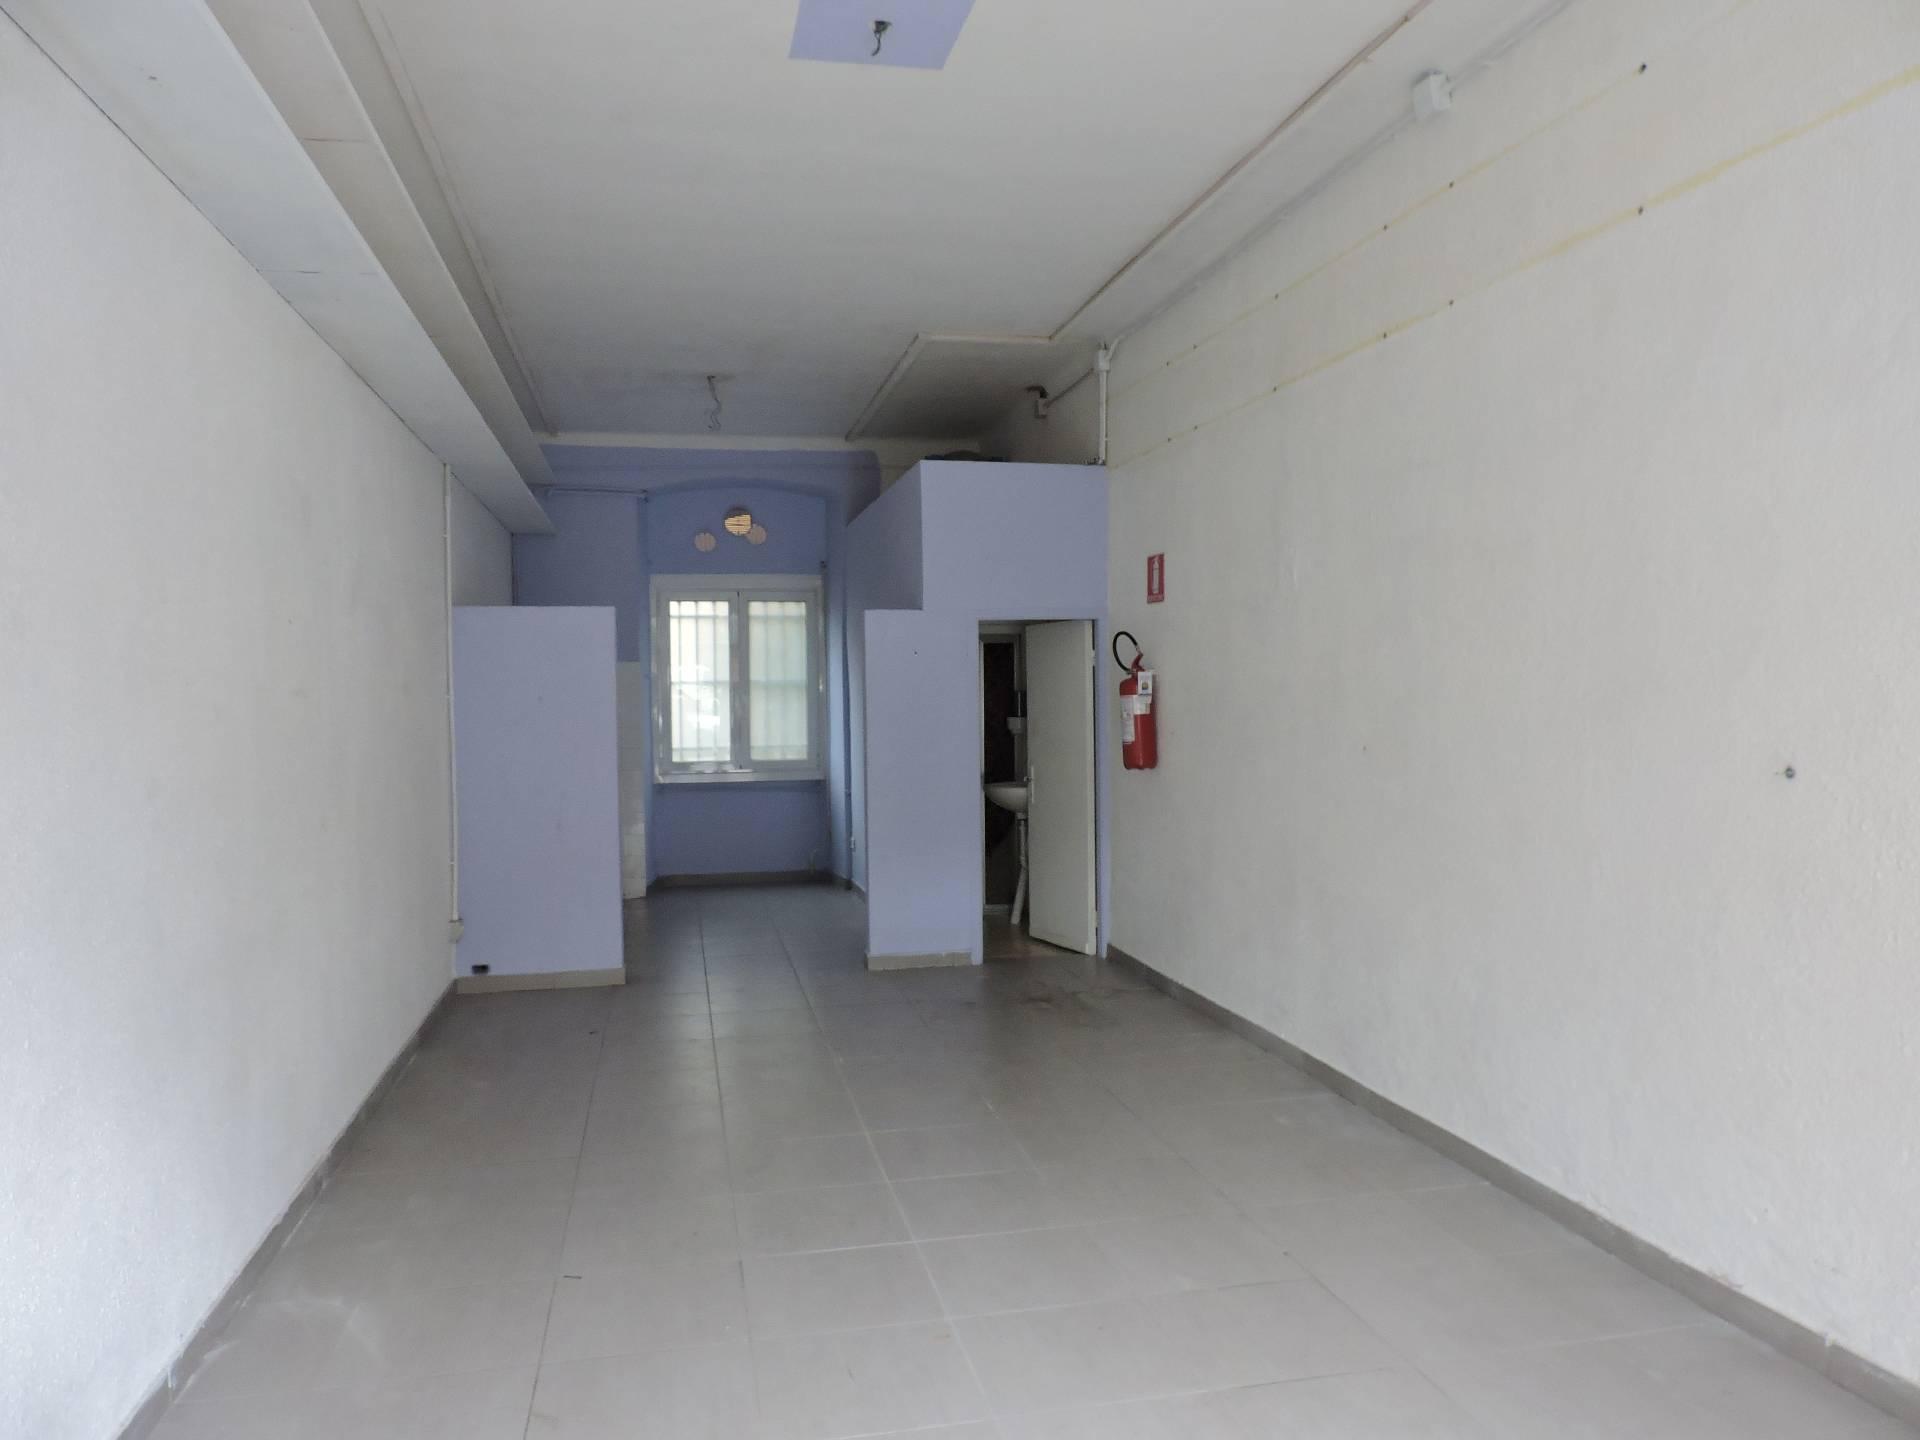 Negozio / Locale in affitto a Santa Margherita Ligure, 9999 locali, prezzo € 650 | CambioCasa.it